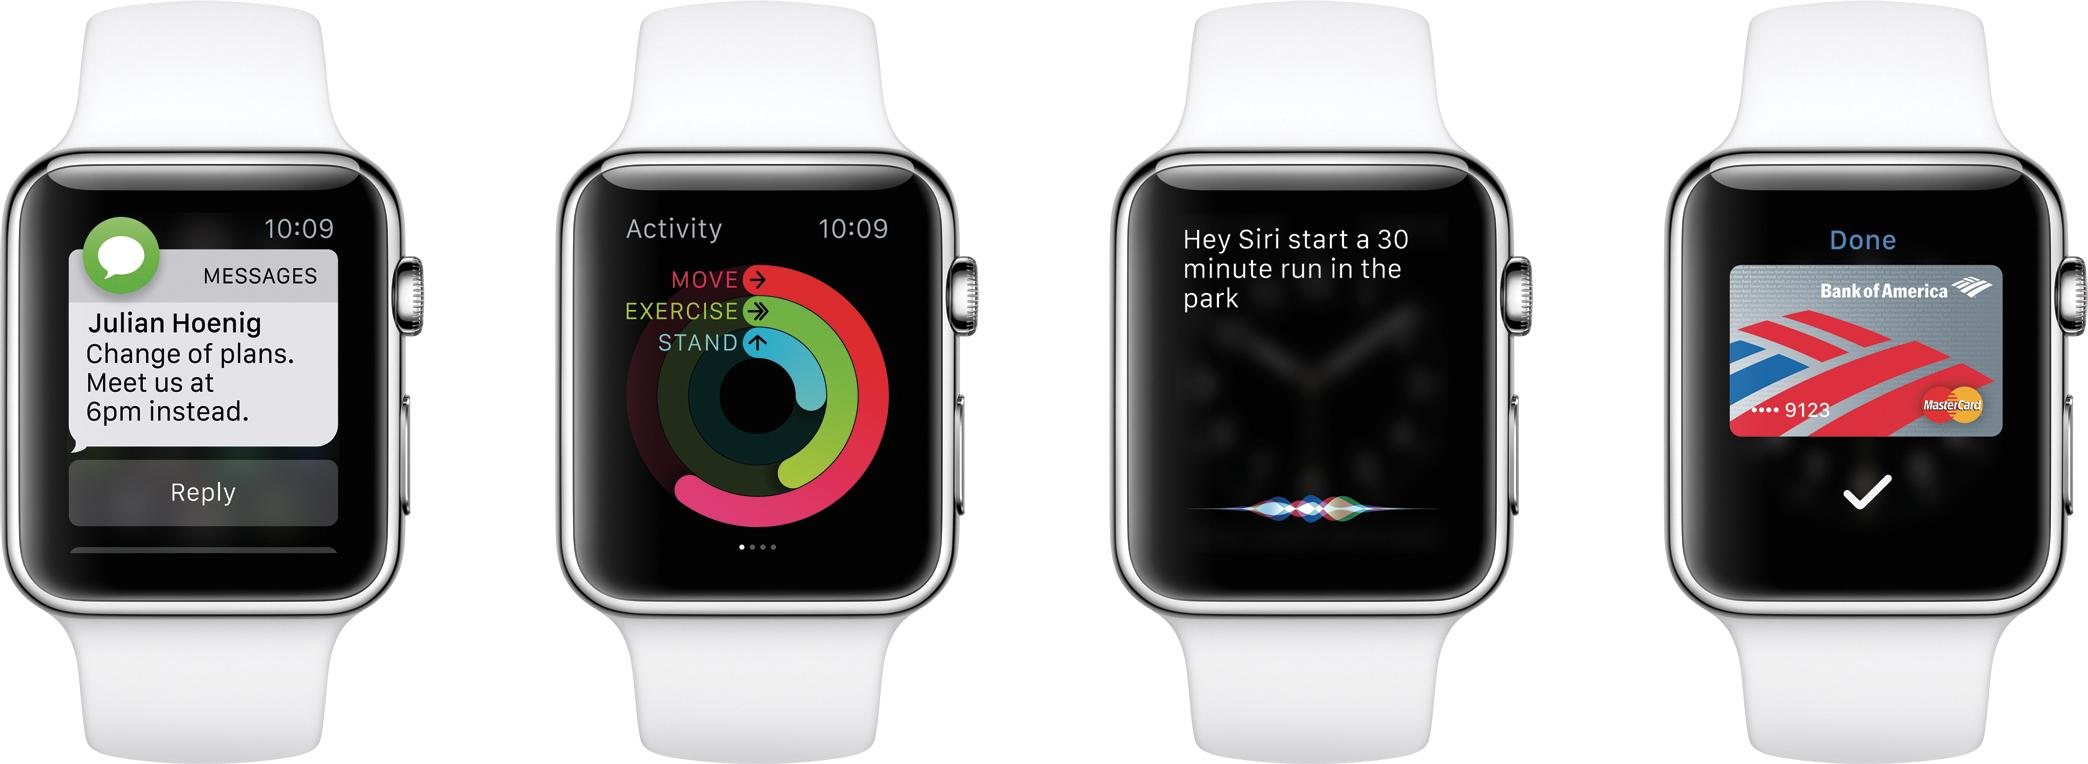 Funções do watchOS sendo mostradas em alguns Apple Watches